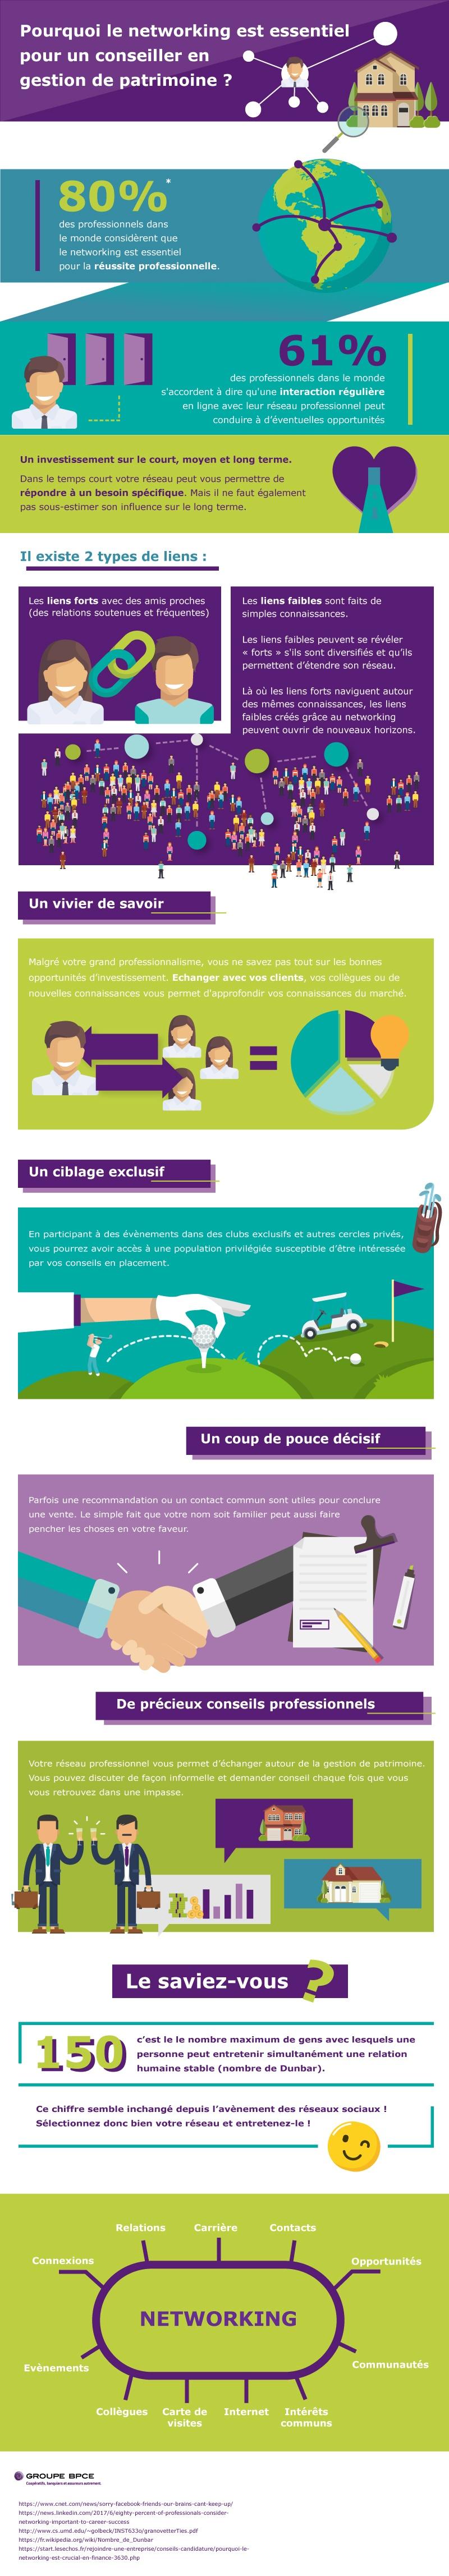 infographie :le networking est essentiel pour un conseiller en gestion de patrimoine